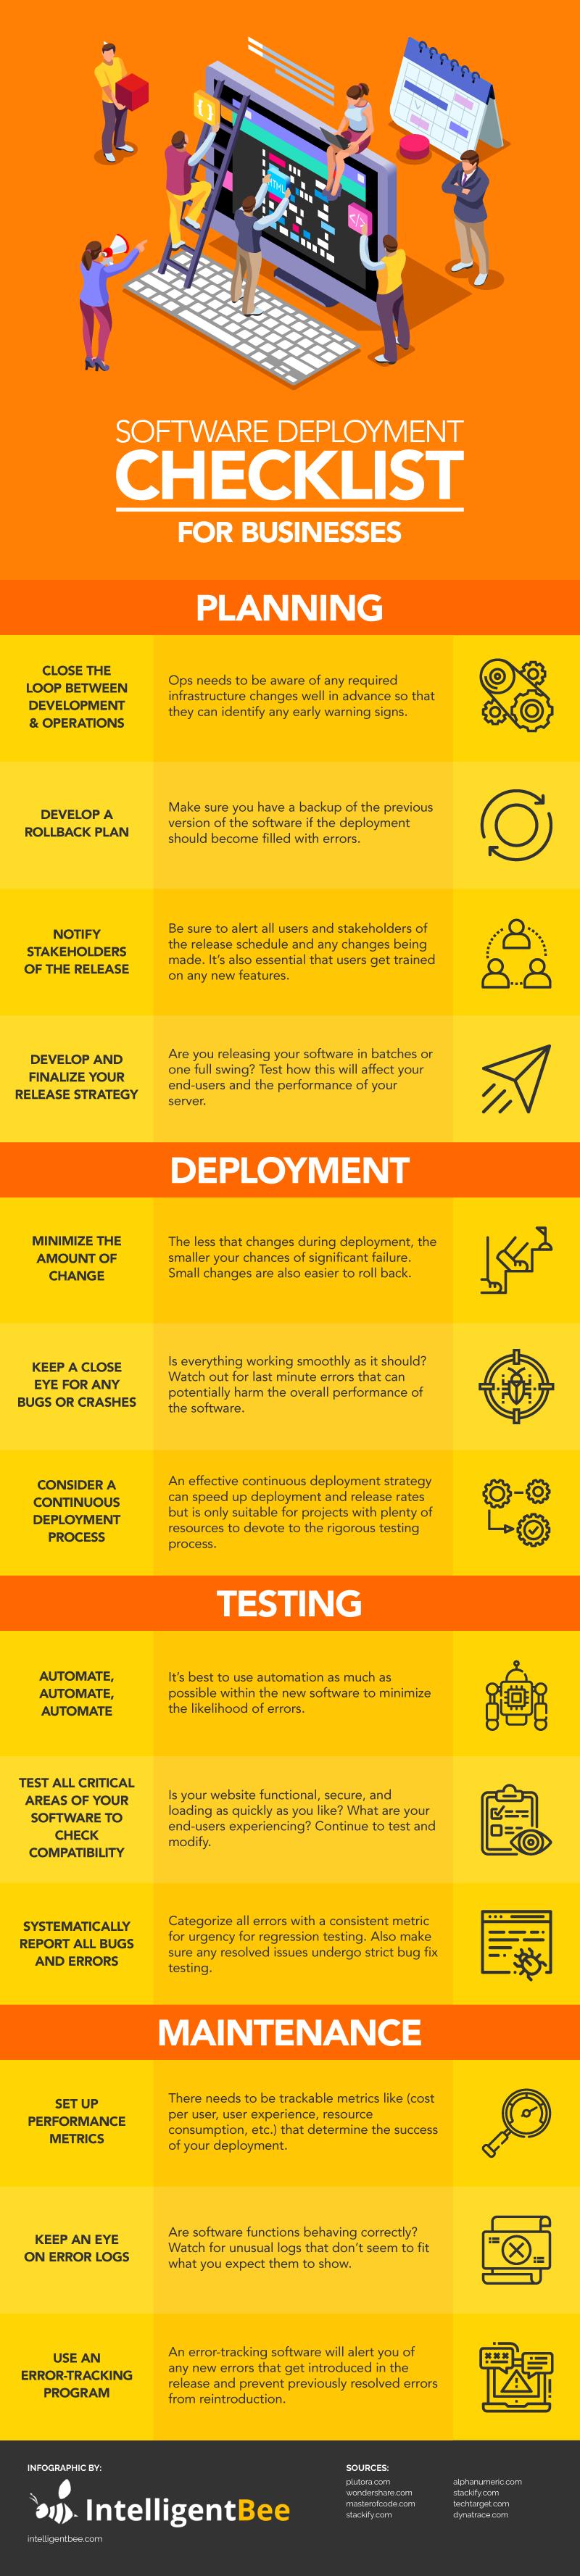 Software-Deployment-Checklist--Infographic